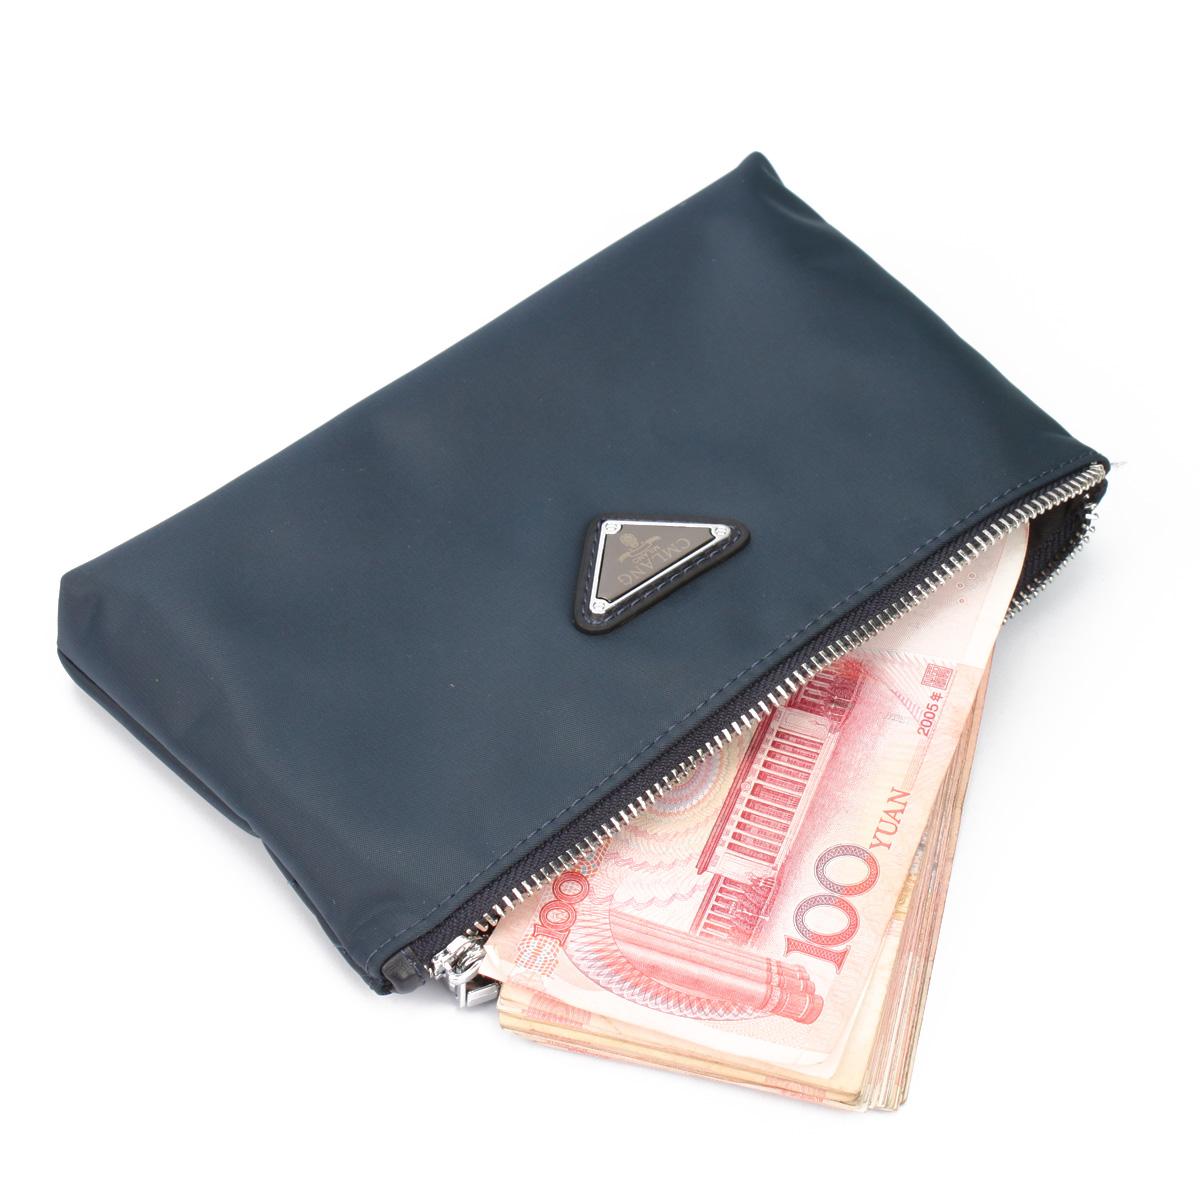 正品西牧狼男士手包休闲男包英伦布包小包长款零钱包手拿包大钞夹